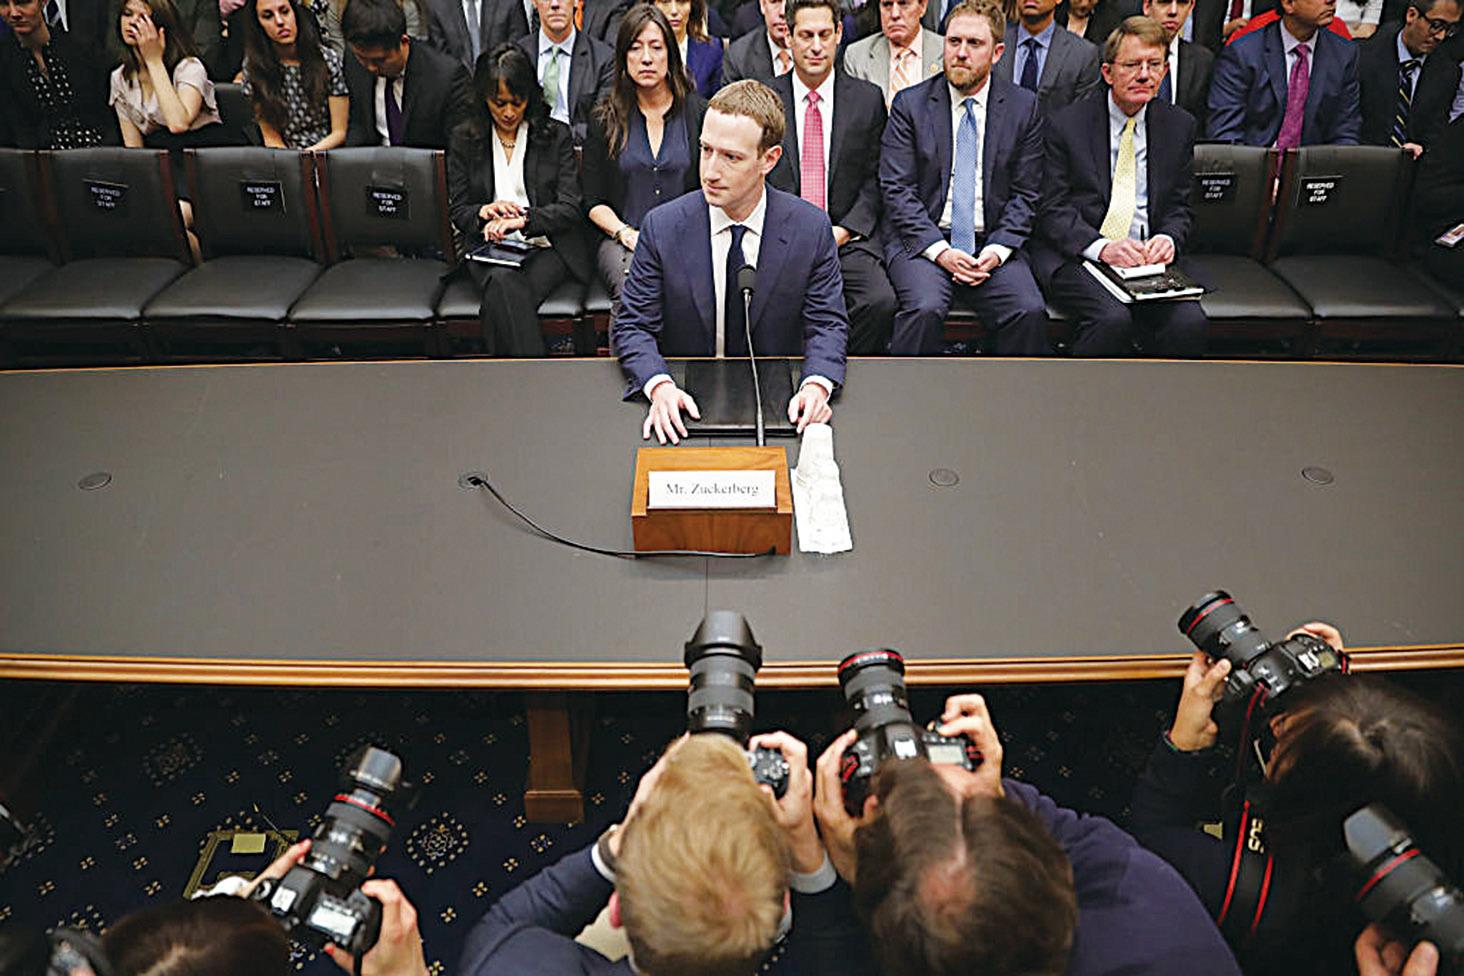 朱克伯格在去年四月參加了美國參議院商業和司法委員會聽證會,他的表現不算坦誠。(Getty Images)